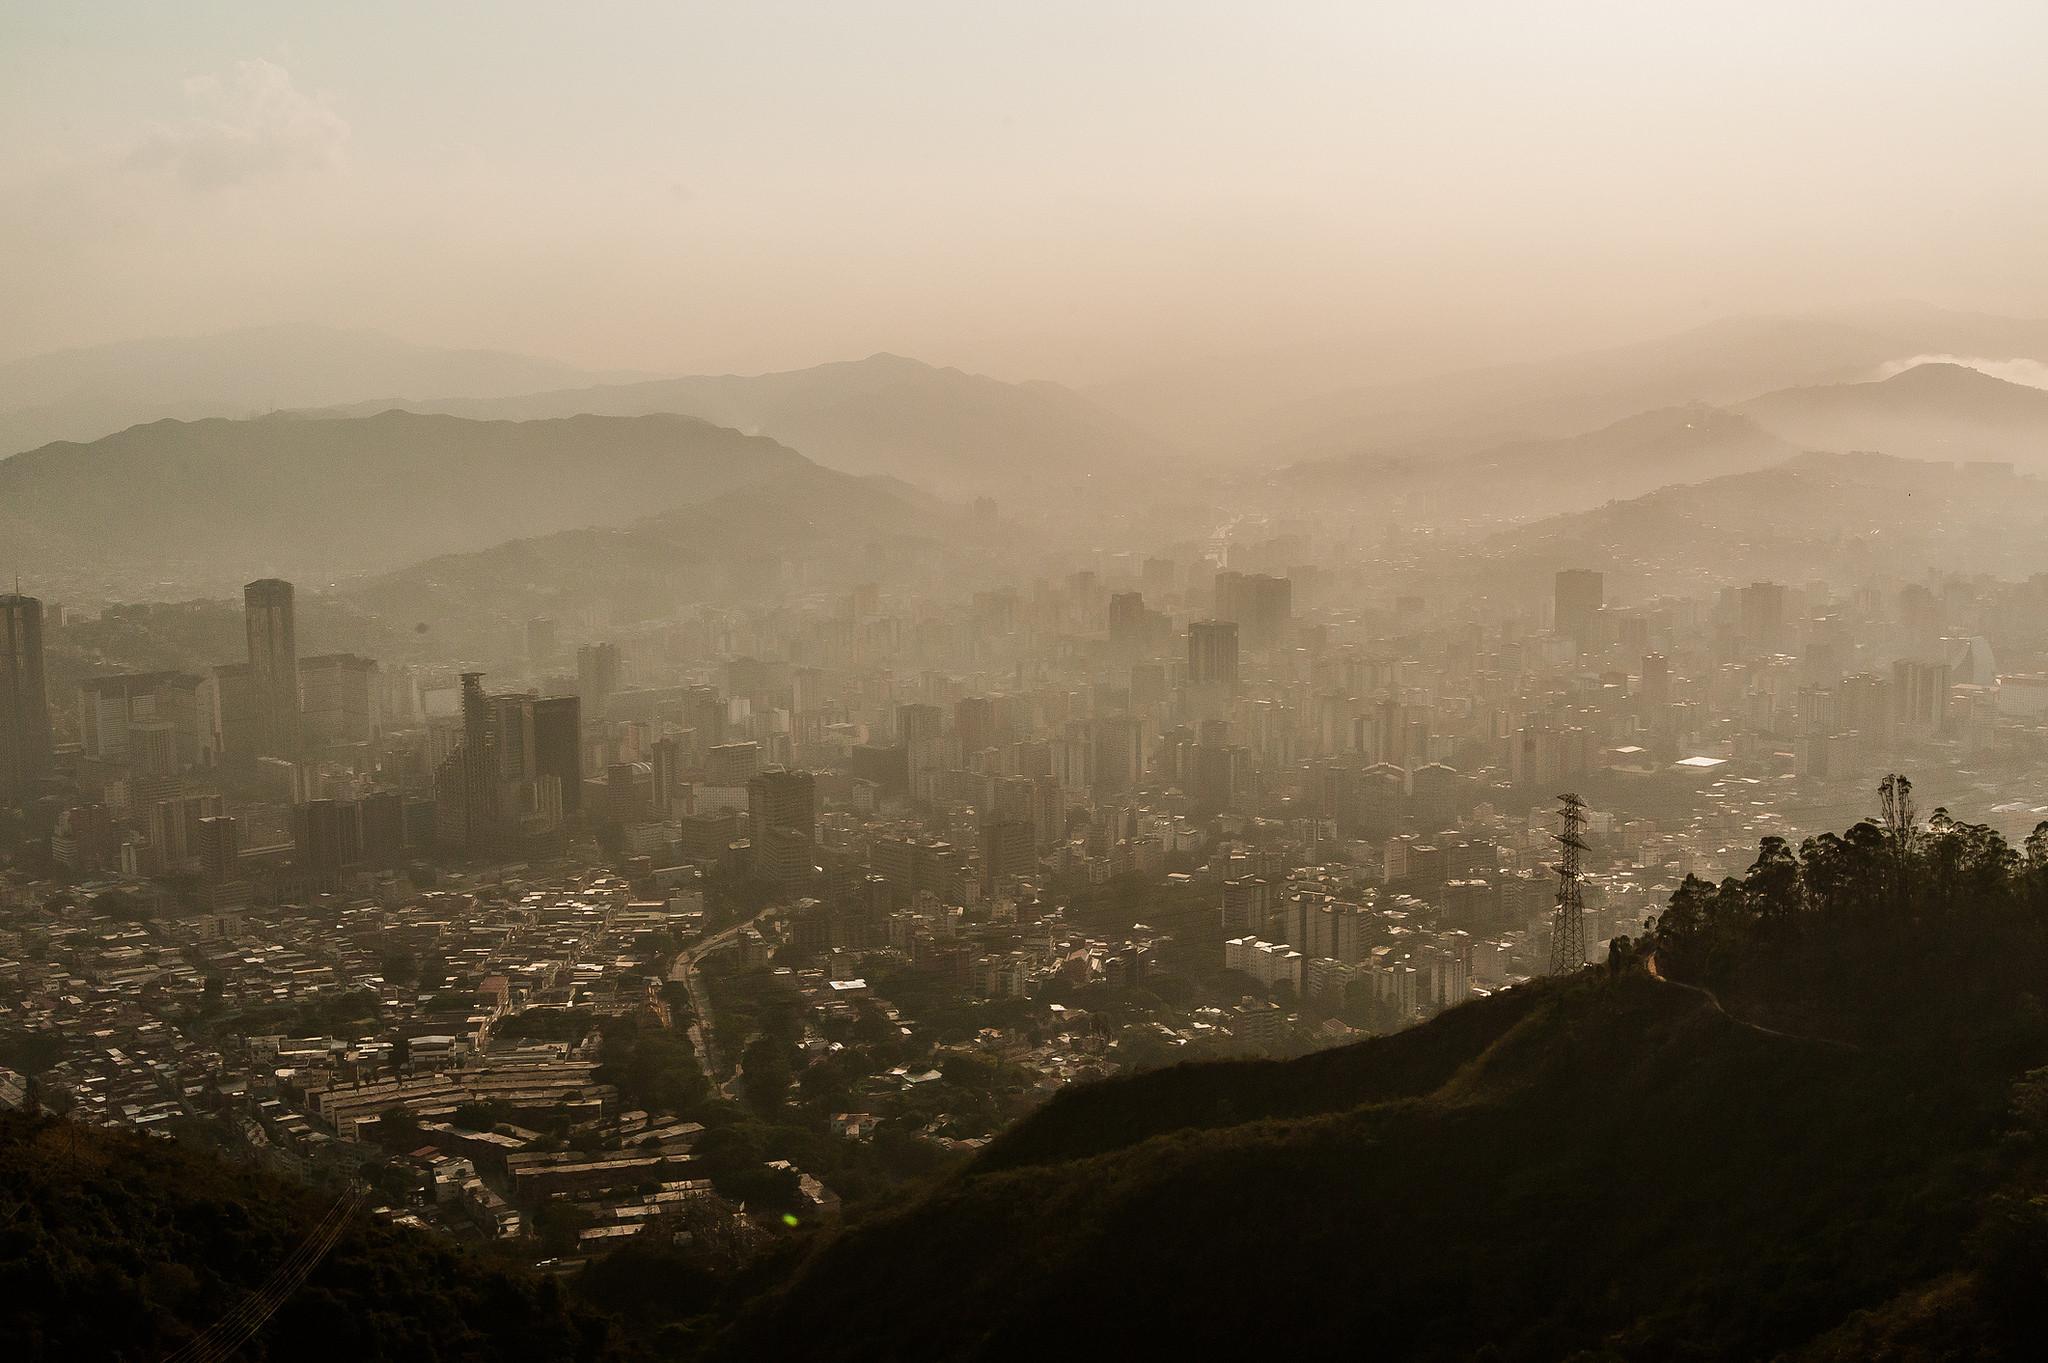 La contaminación hace crecer la temperatura de la Tierra